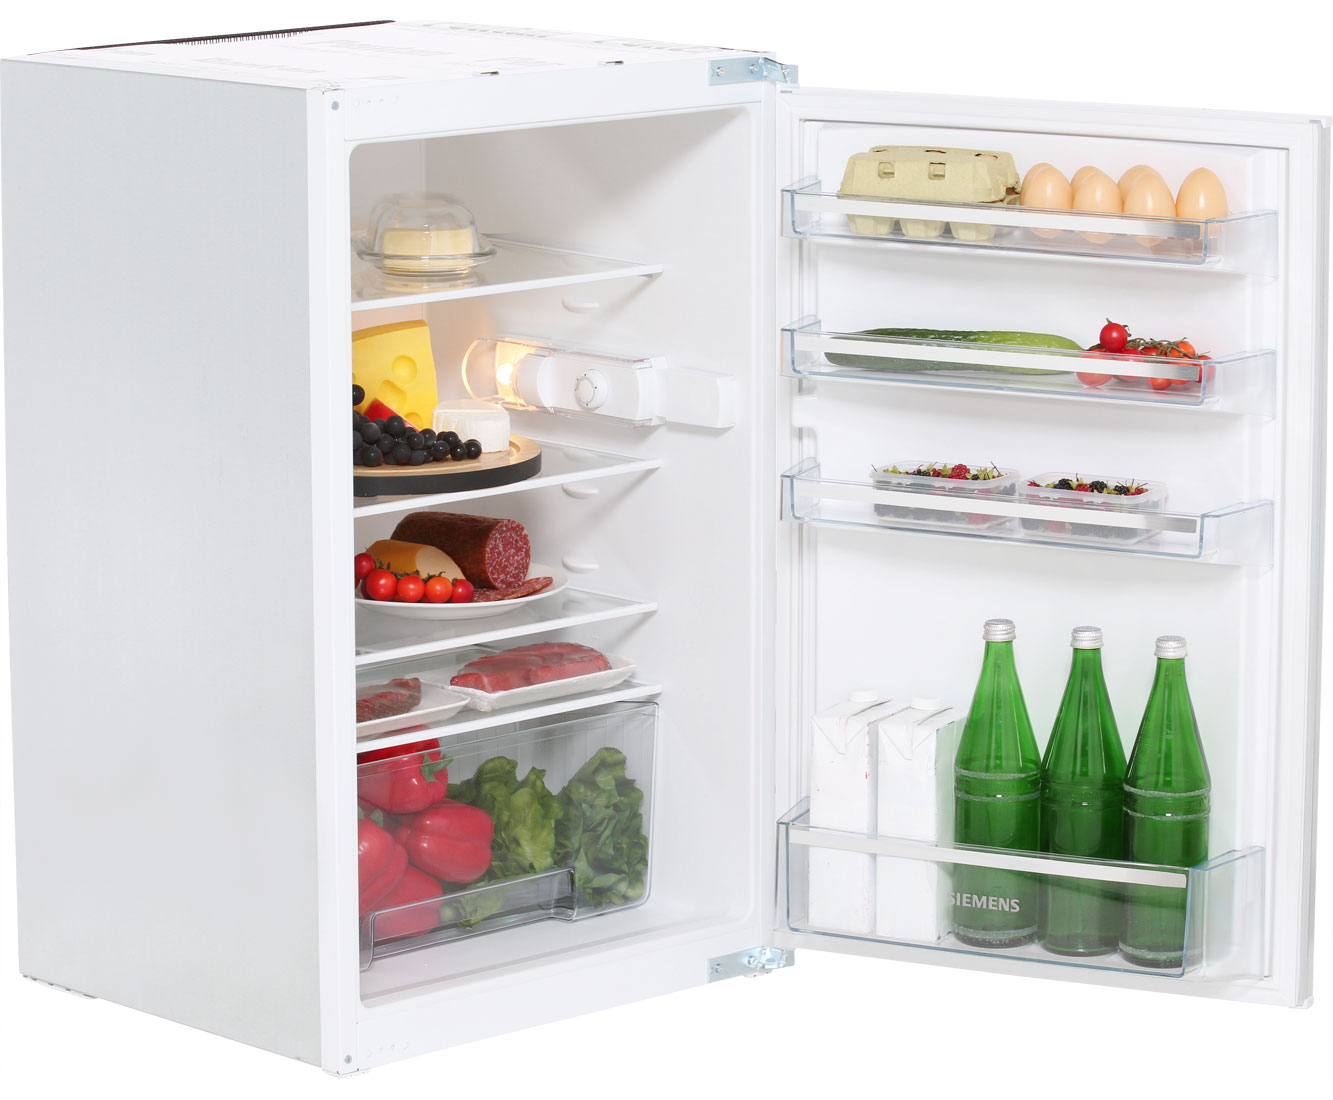 Siemens Kühlschrank Groß : Siemens ki18rv20 kühlschrank eingebaut 54cm weiß neu ebay